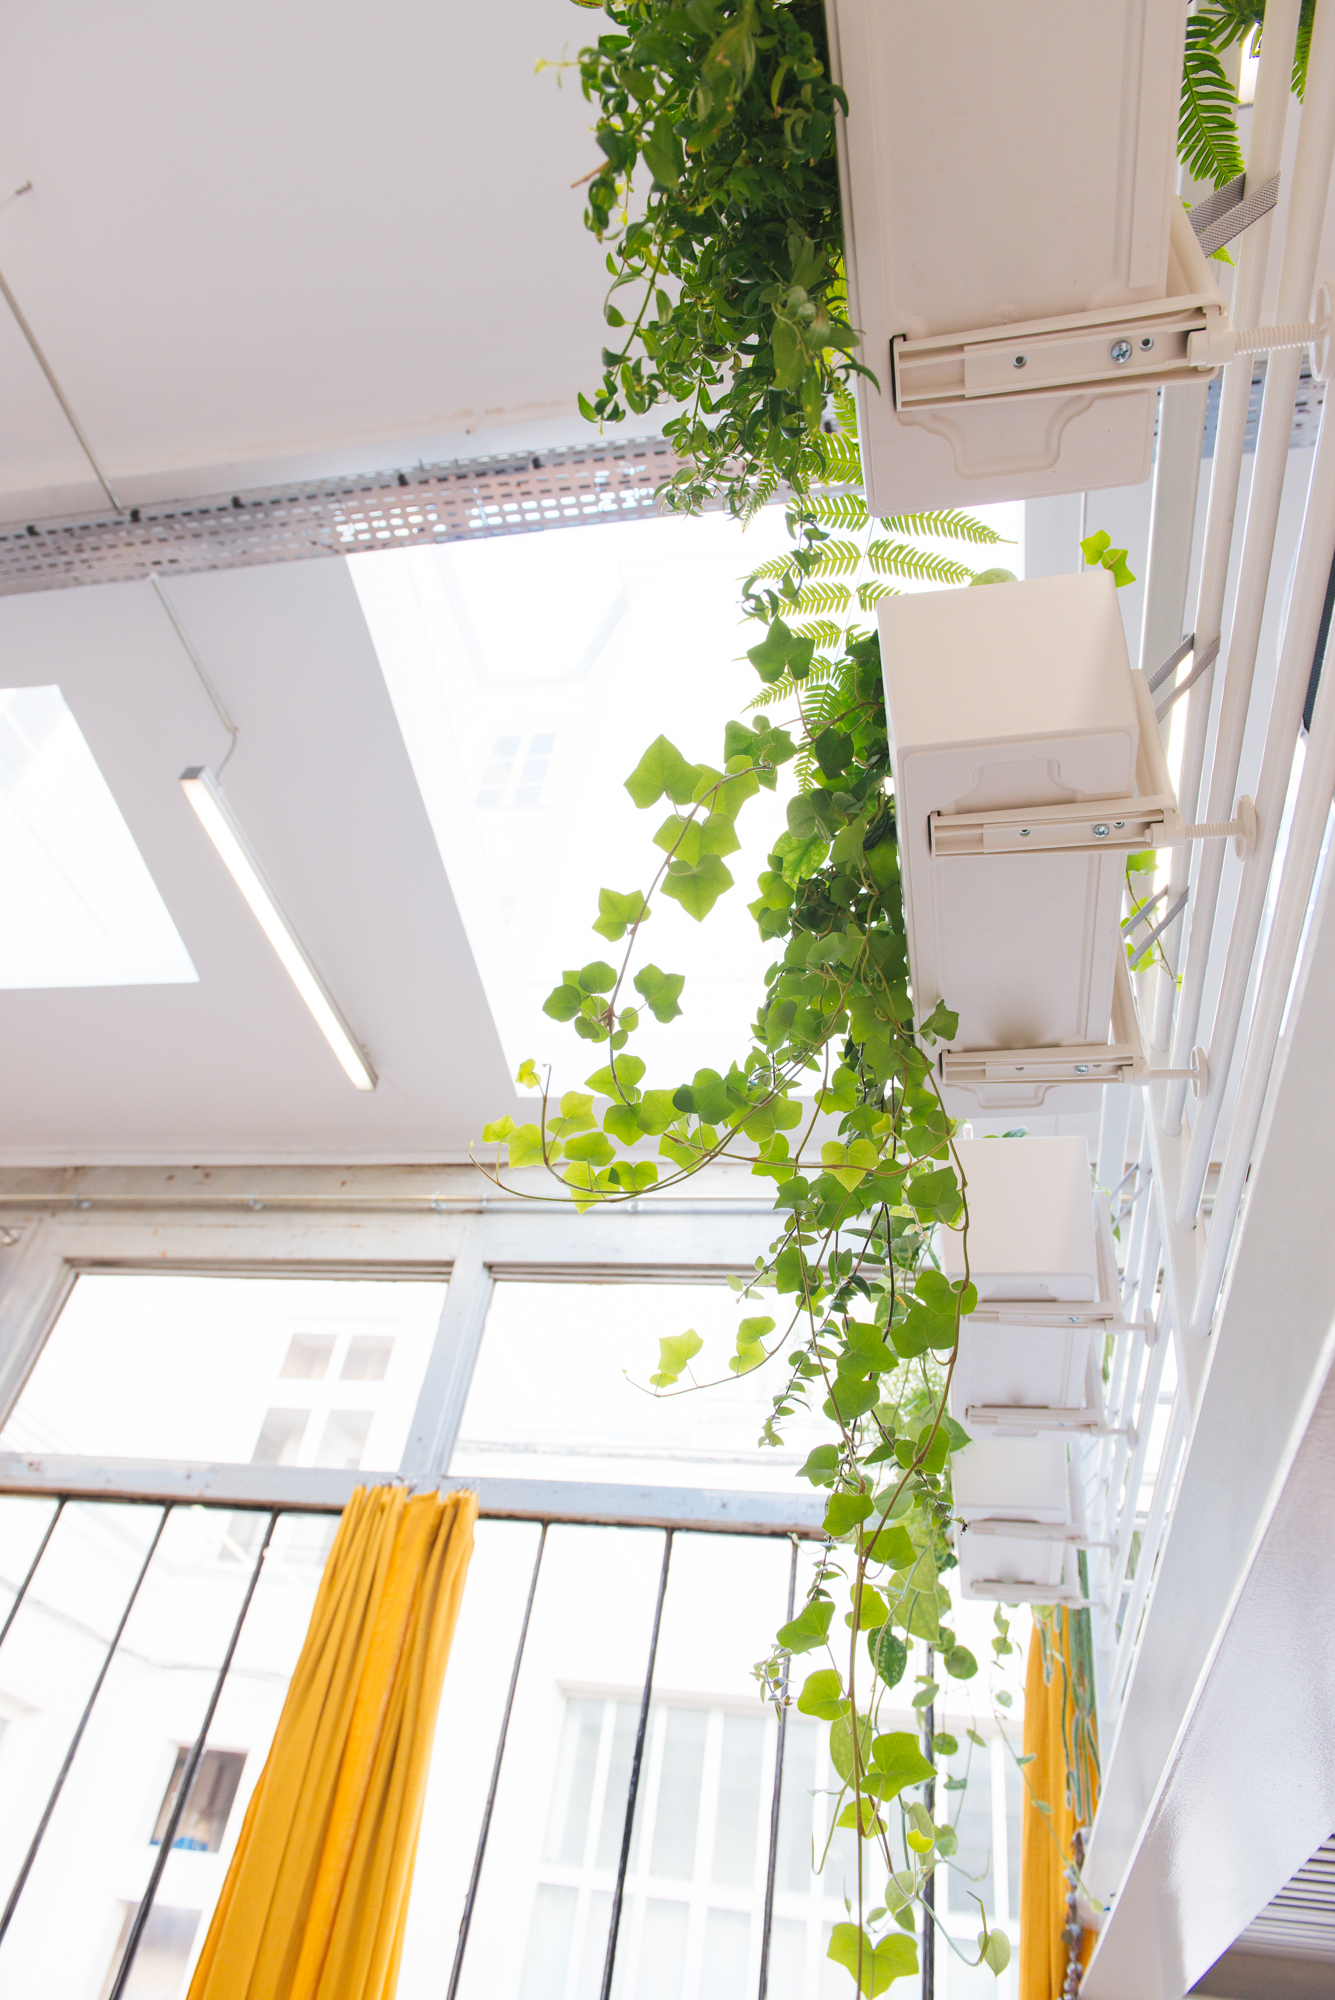 plantes à suspendre bureau jardinières végétalisation bureaux décoration végétale d'intérieur